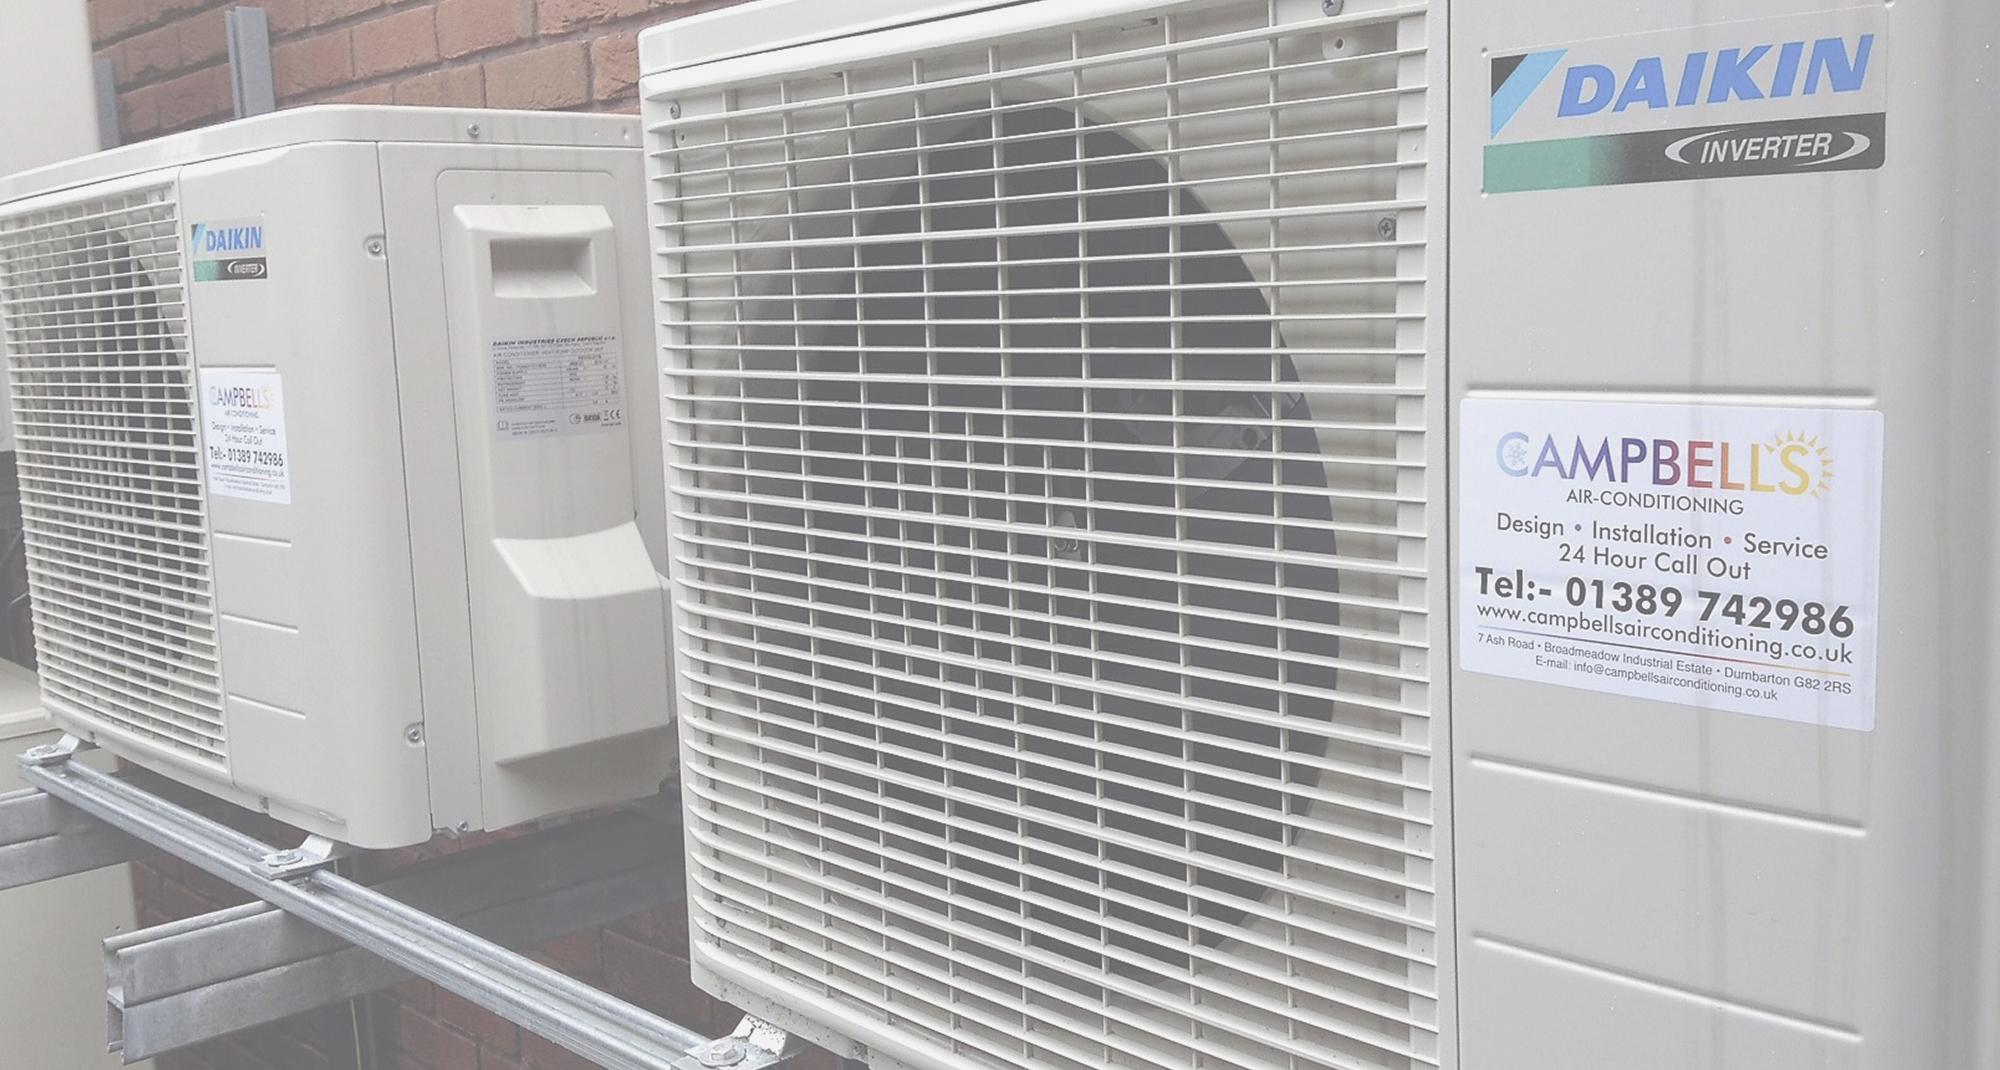 PROVIDING HVAC SOLUTIONS